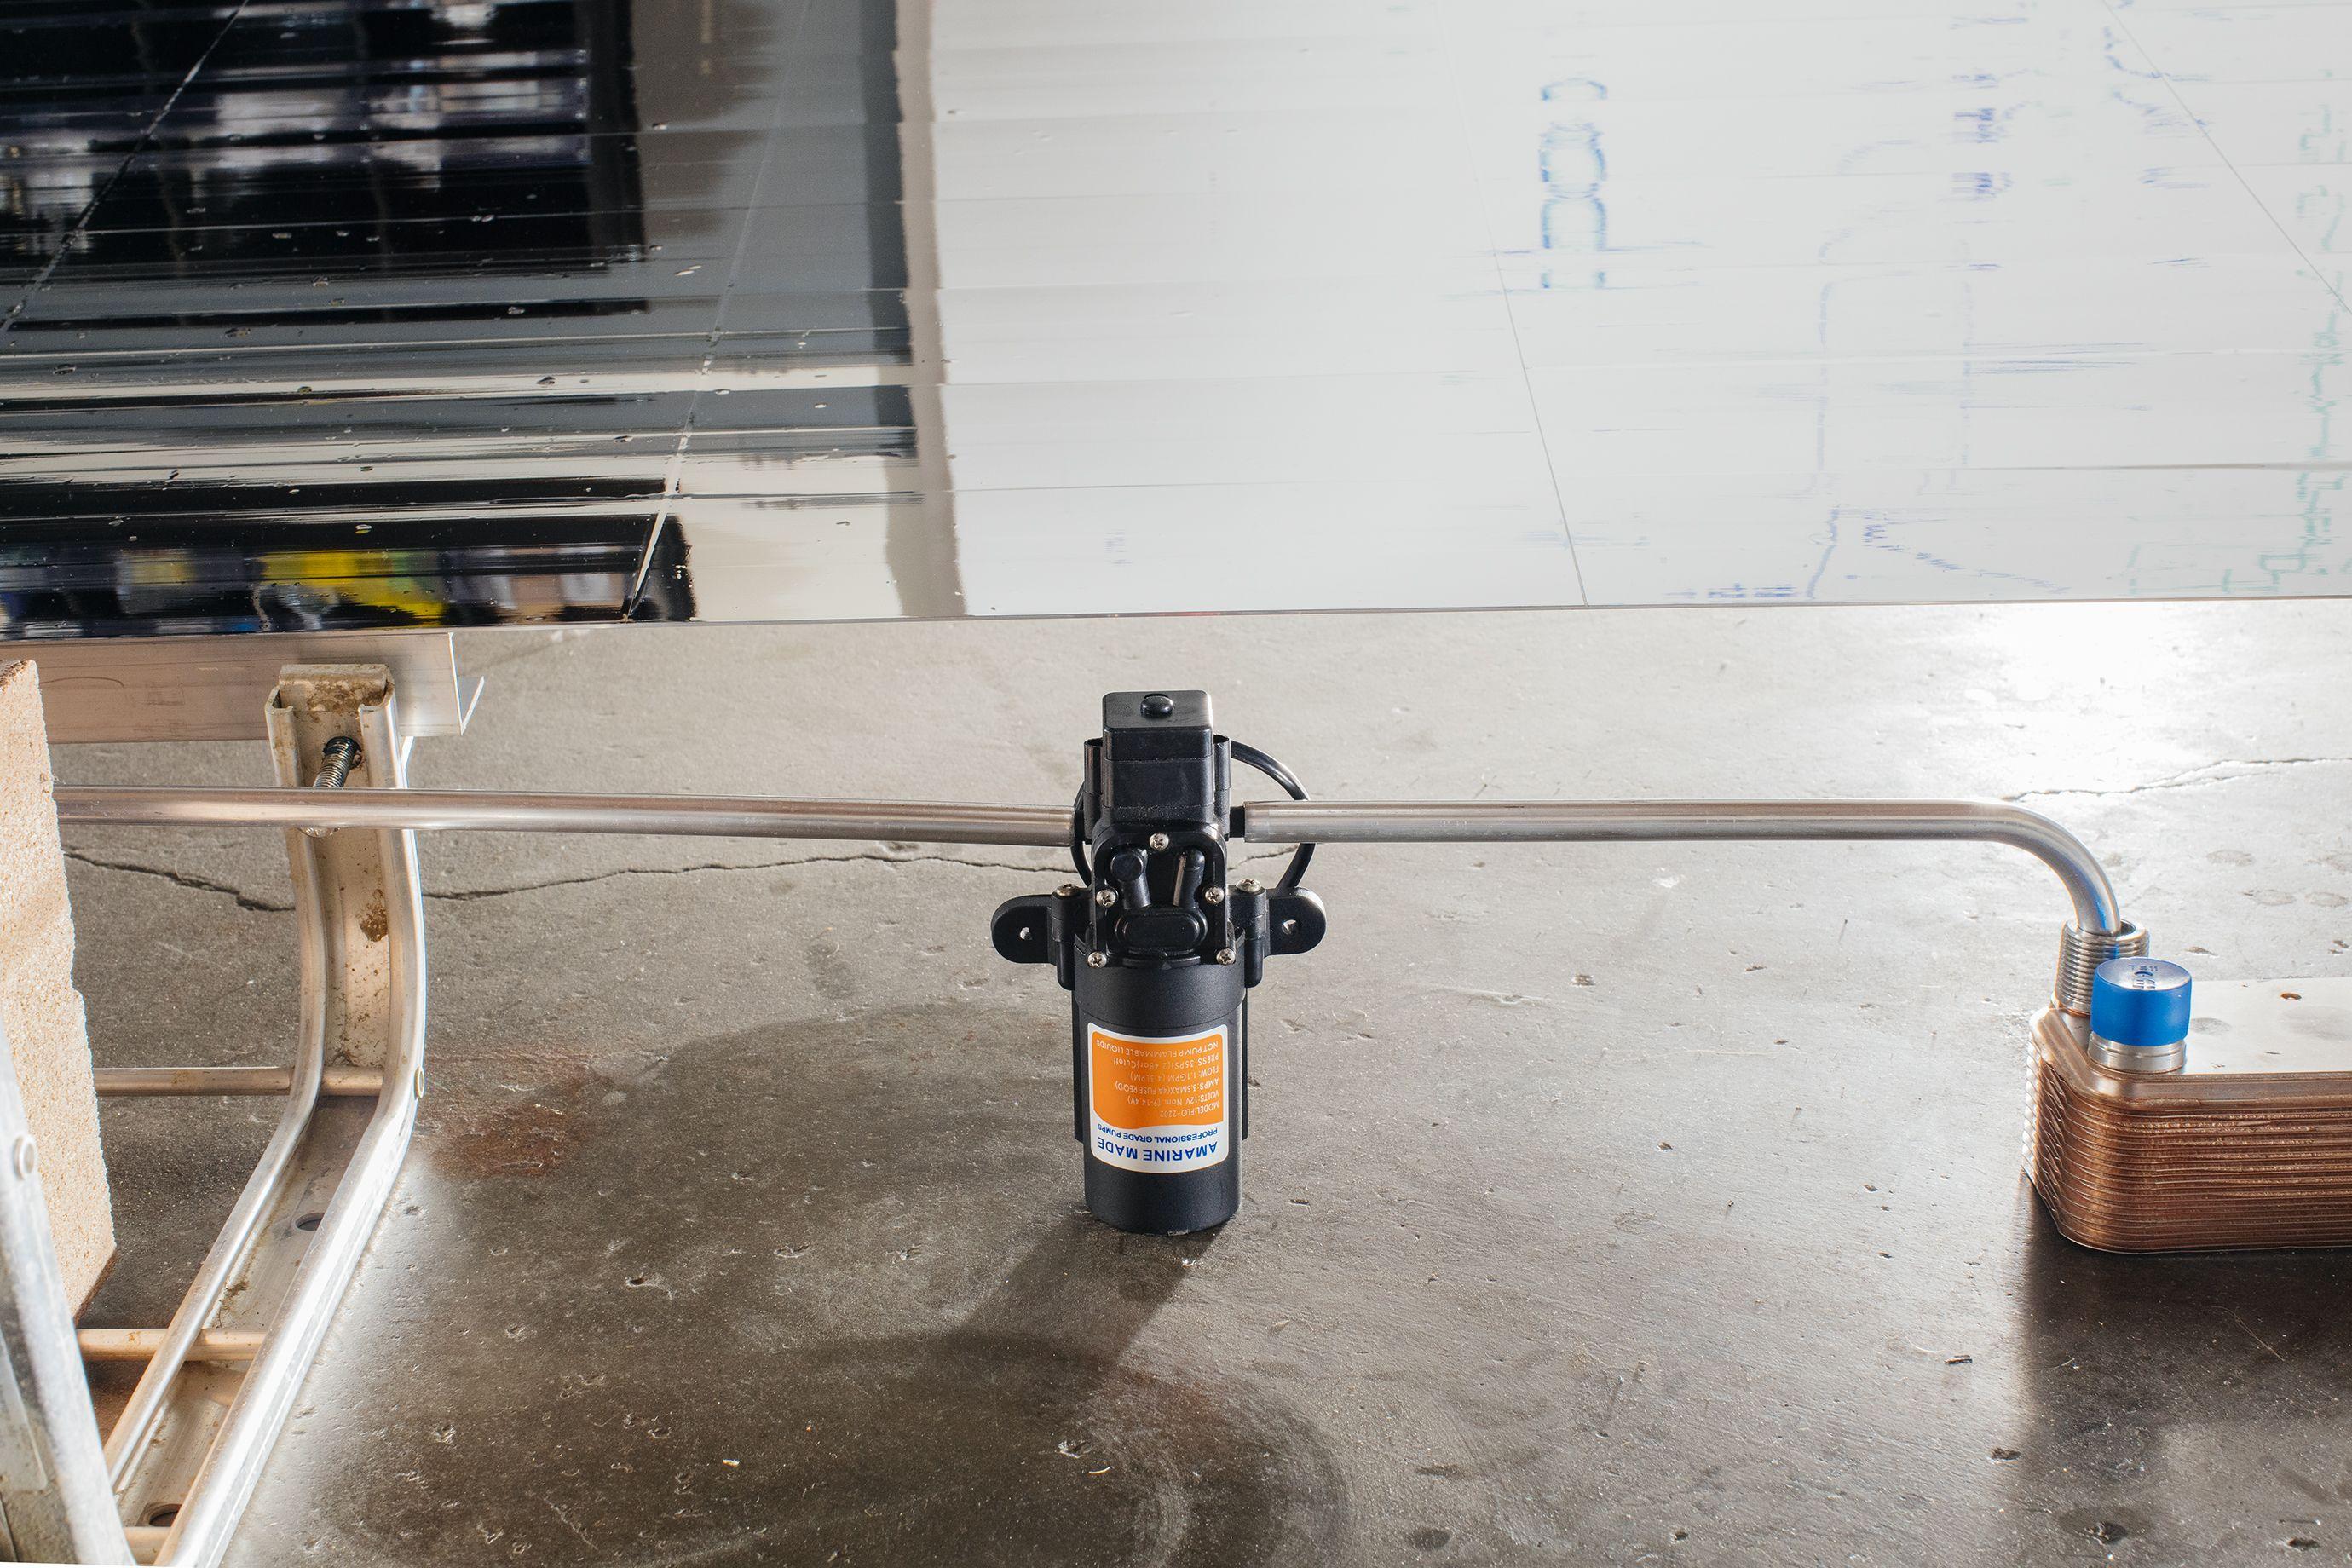 Una pequeña bomba hace circular una mezcla de agua y anticongelante a través del sistema de paneles y en el otro lado del intercambiador de calor.